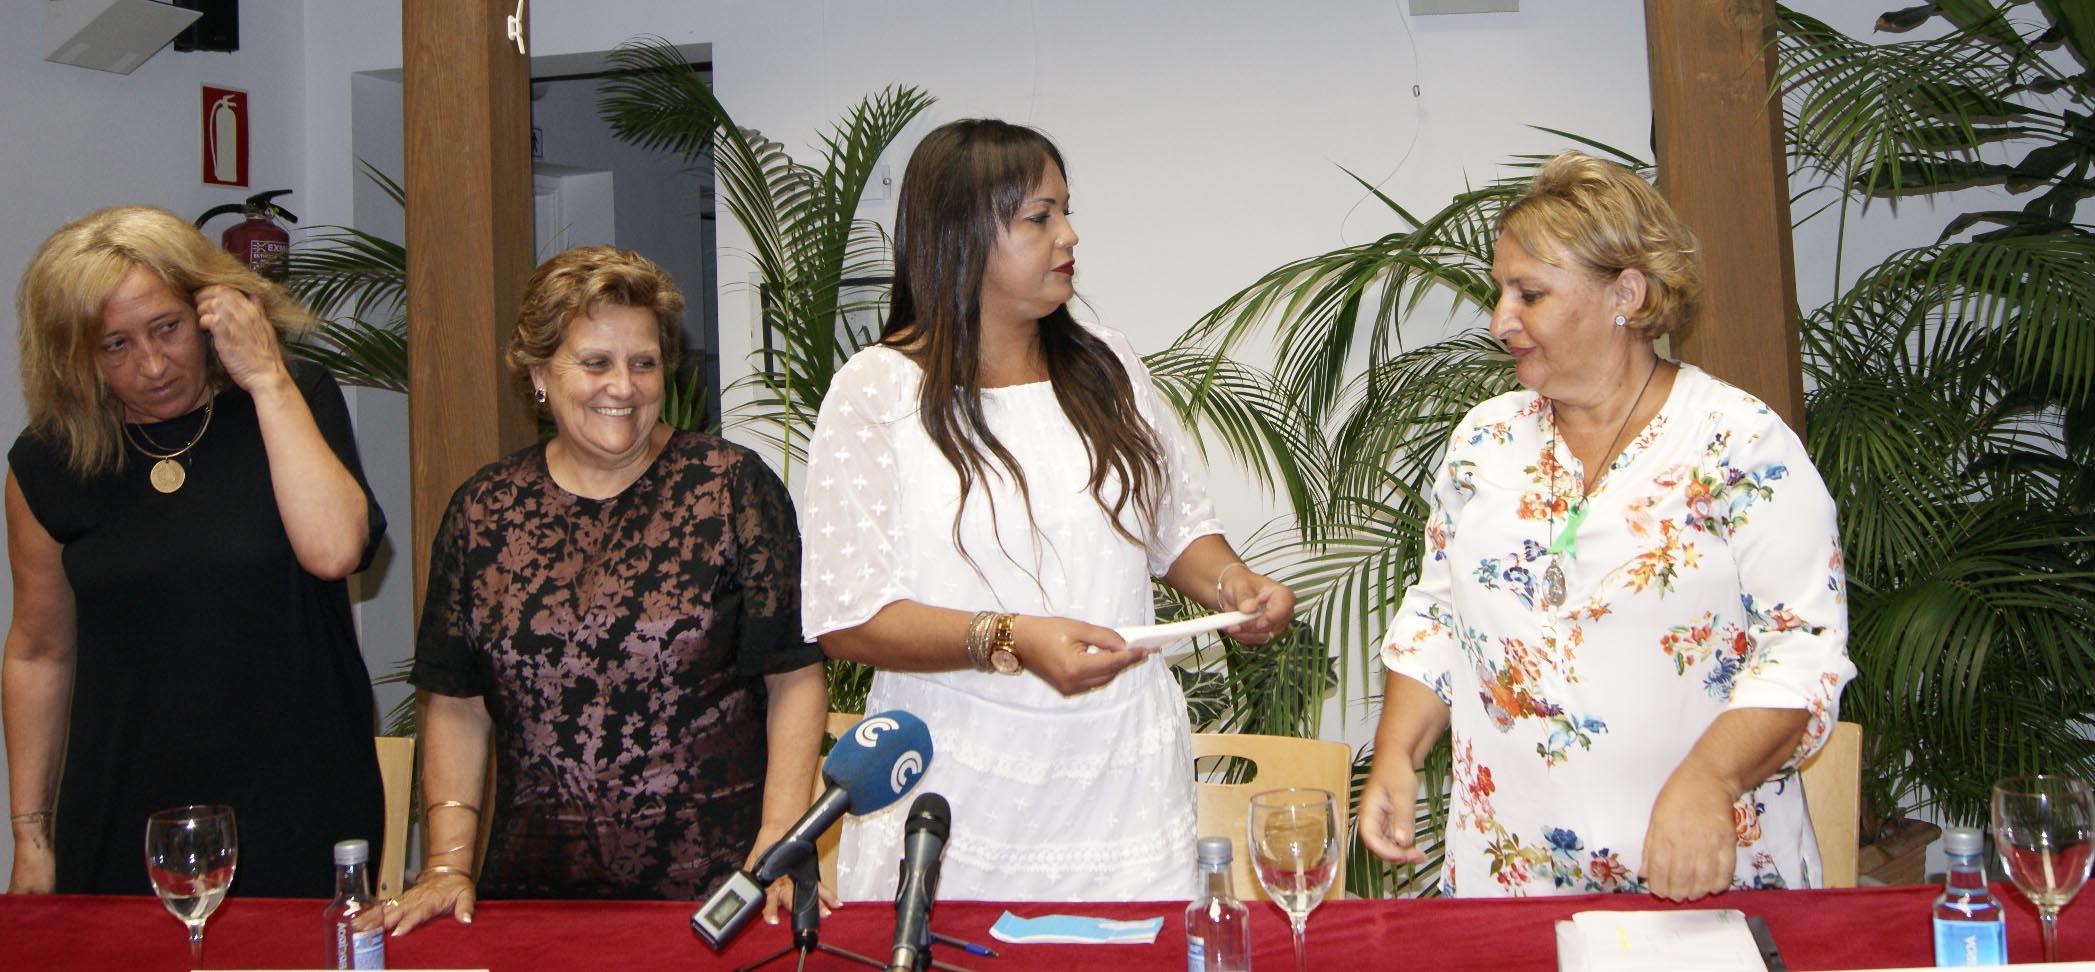 Entregado a la Junta Local de la AECC parte de lo recaudado en la V Noche Dorada organizada por Joyerías Karin Coll